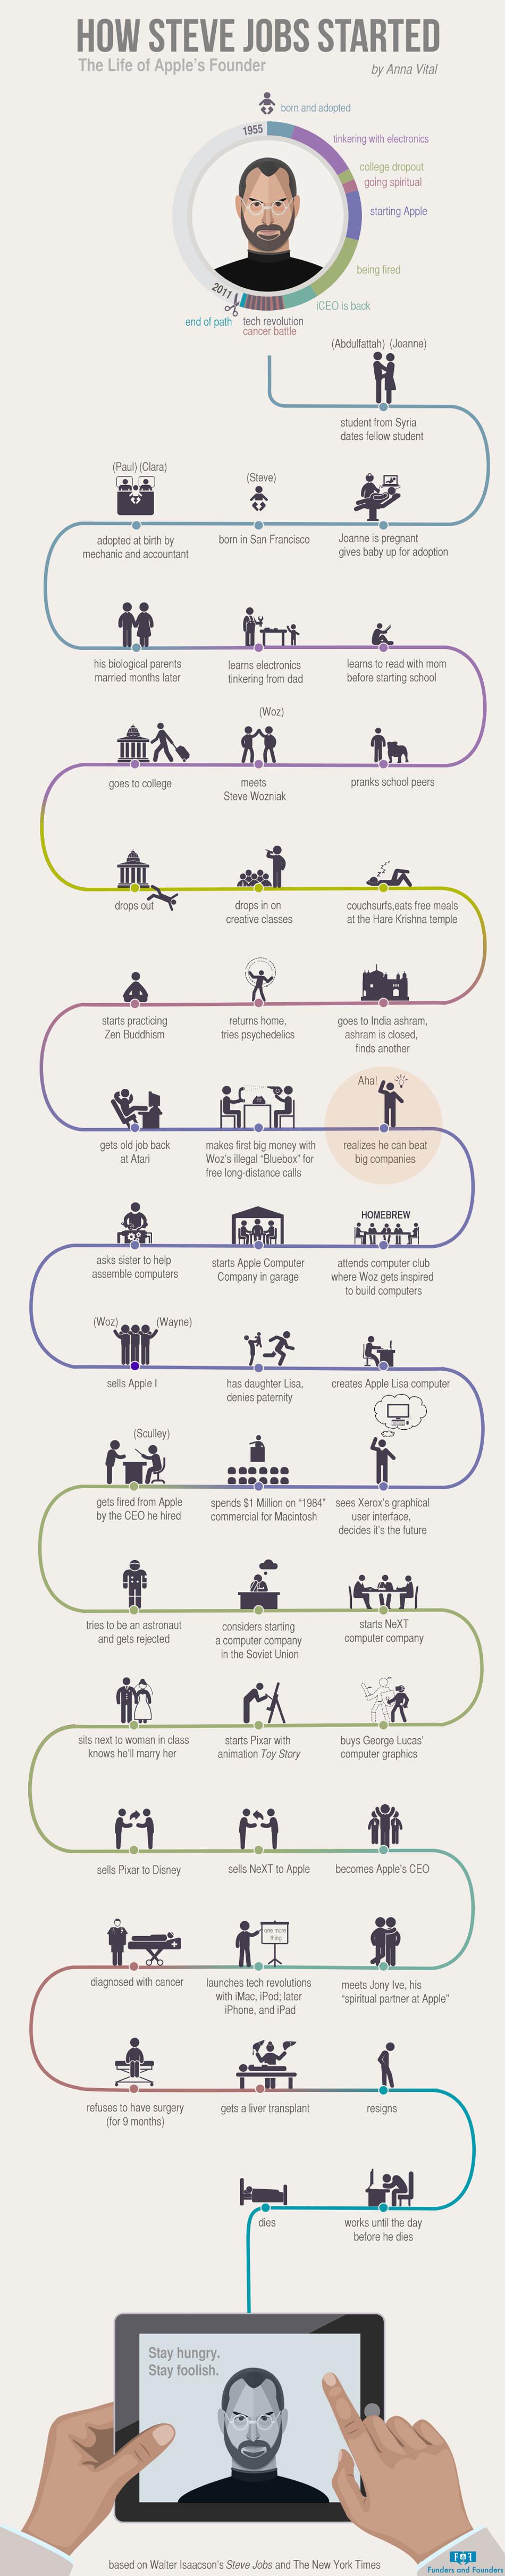 viata lui Steve Jobs infografic